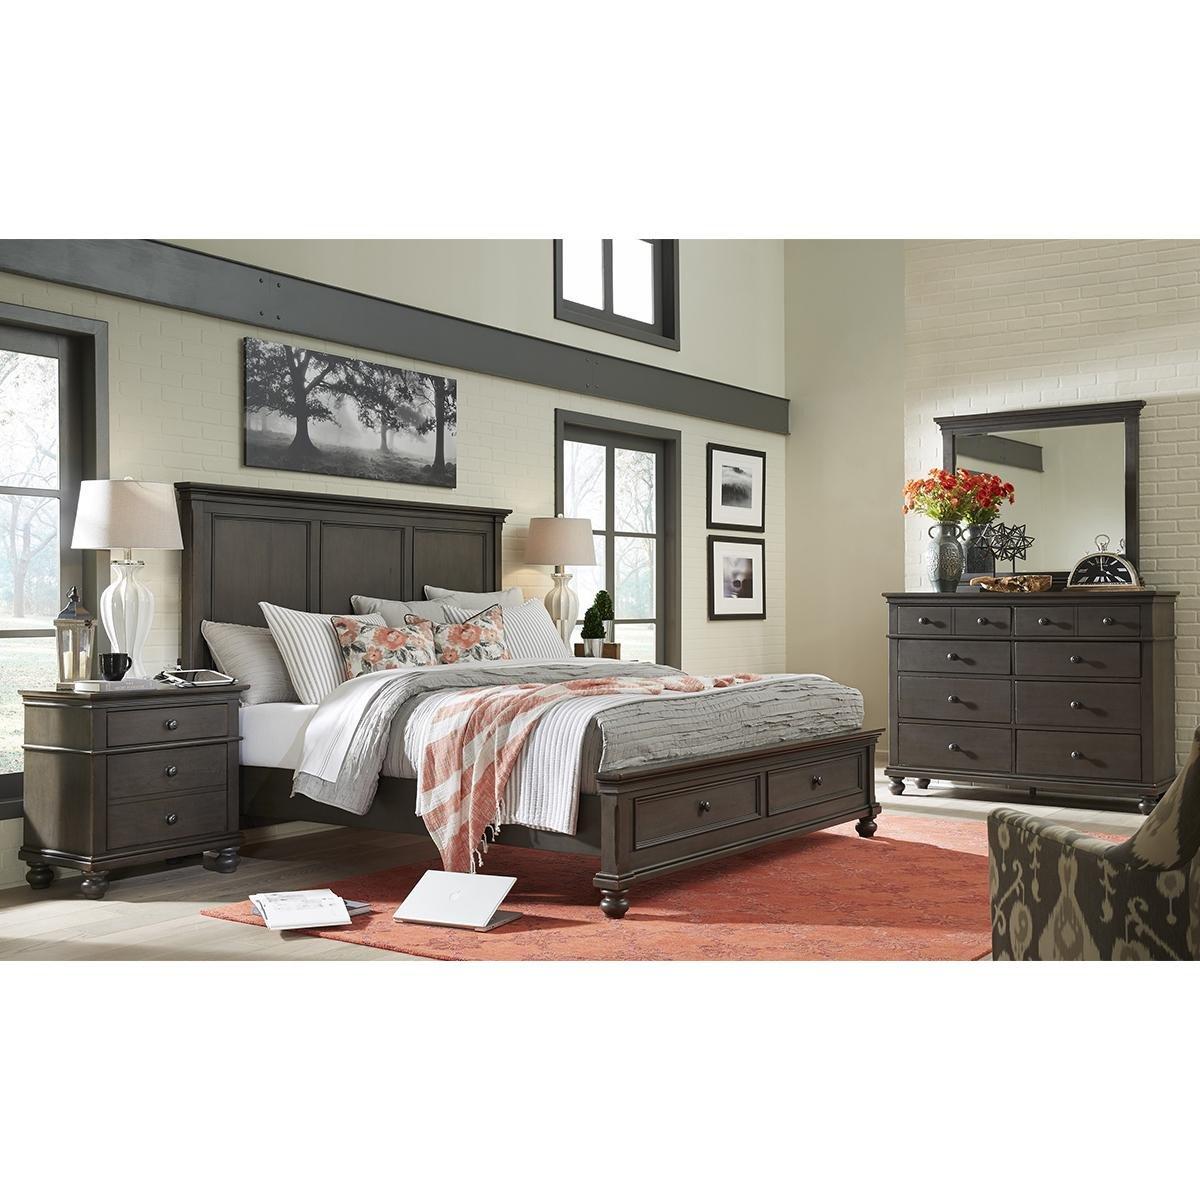 Nebraska Furniture Bedroom Set Best Of Riva Ridge Oxford 4 Piece Queen Bedroom Set In Peppercorn